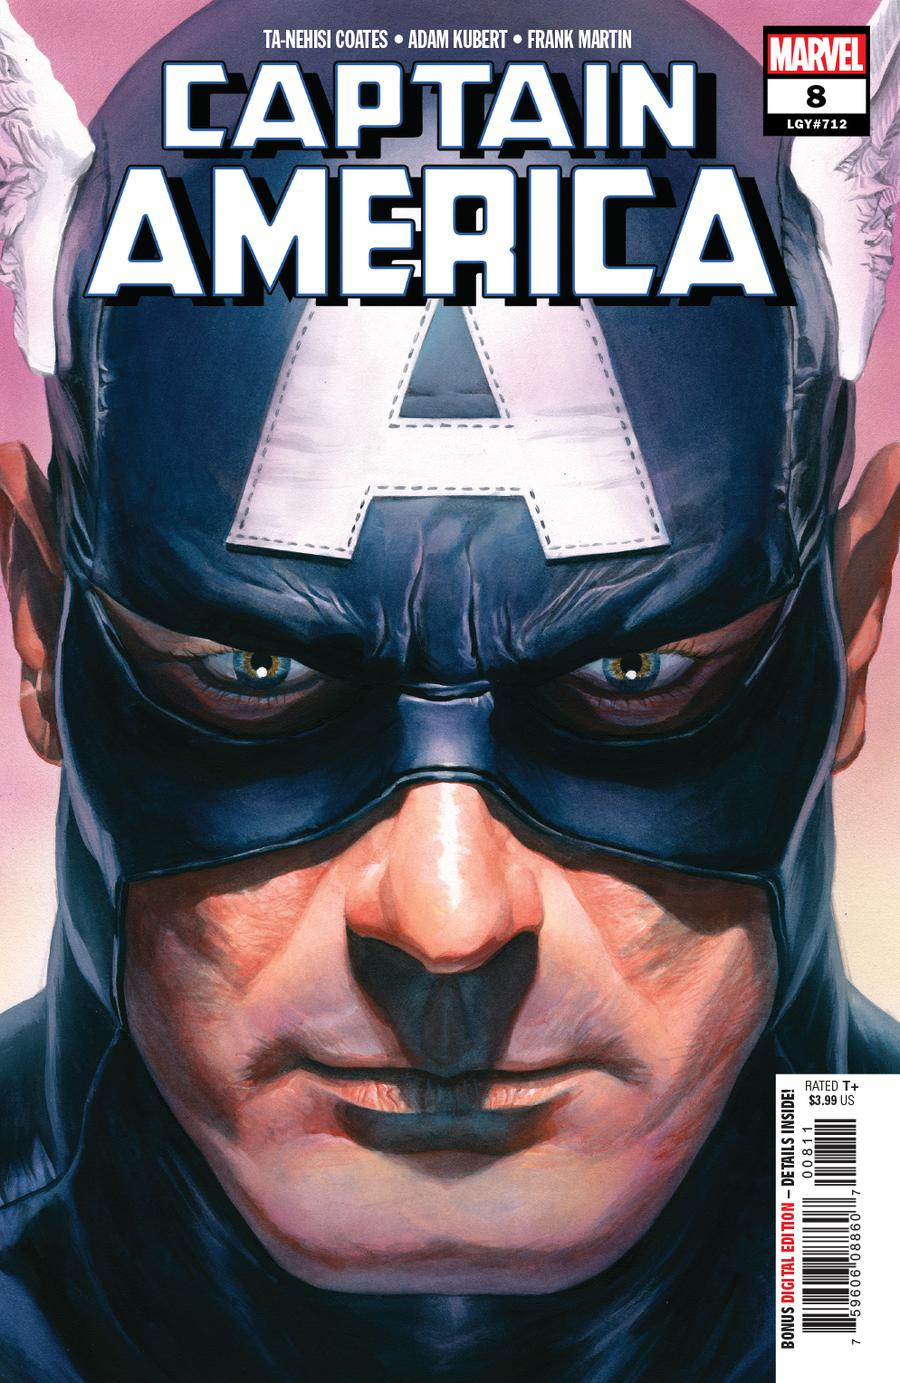 Captain America Vol 9 #8 Cover A Regular Alex Ross Cover